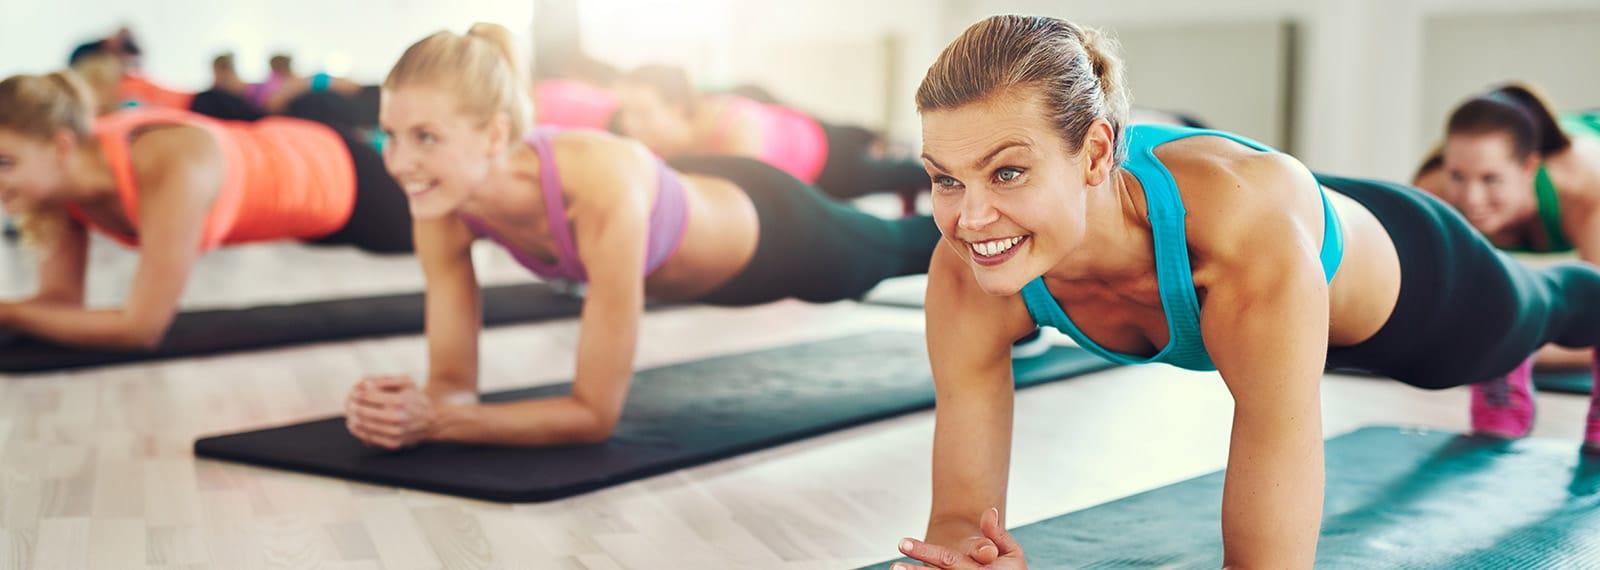 Plank im Fitnesskurs